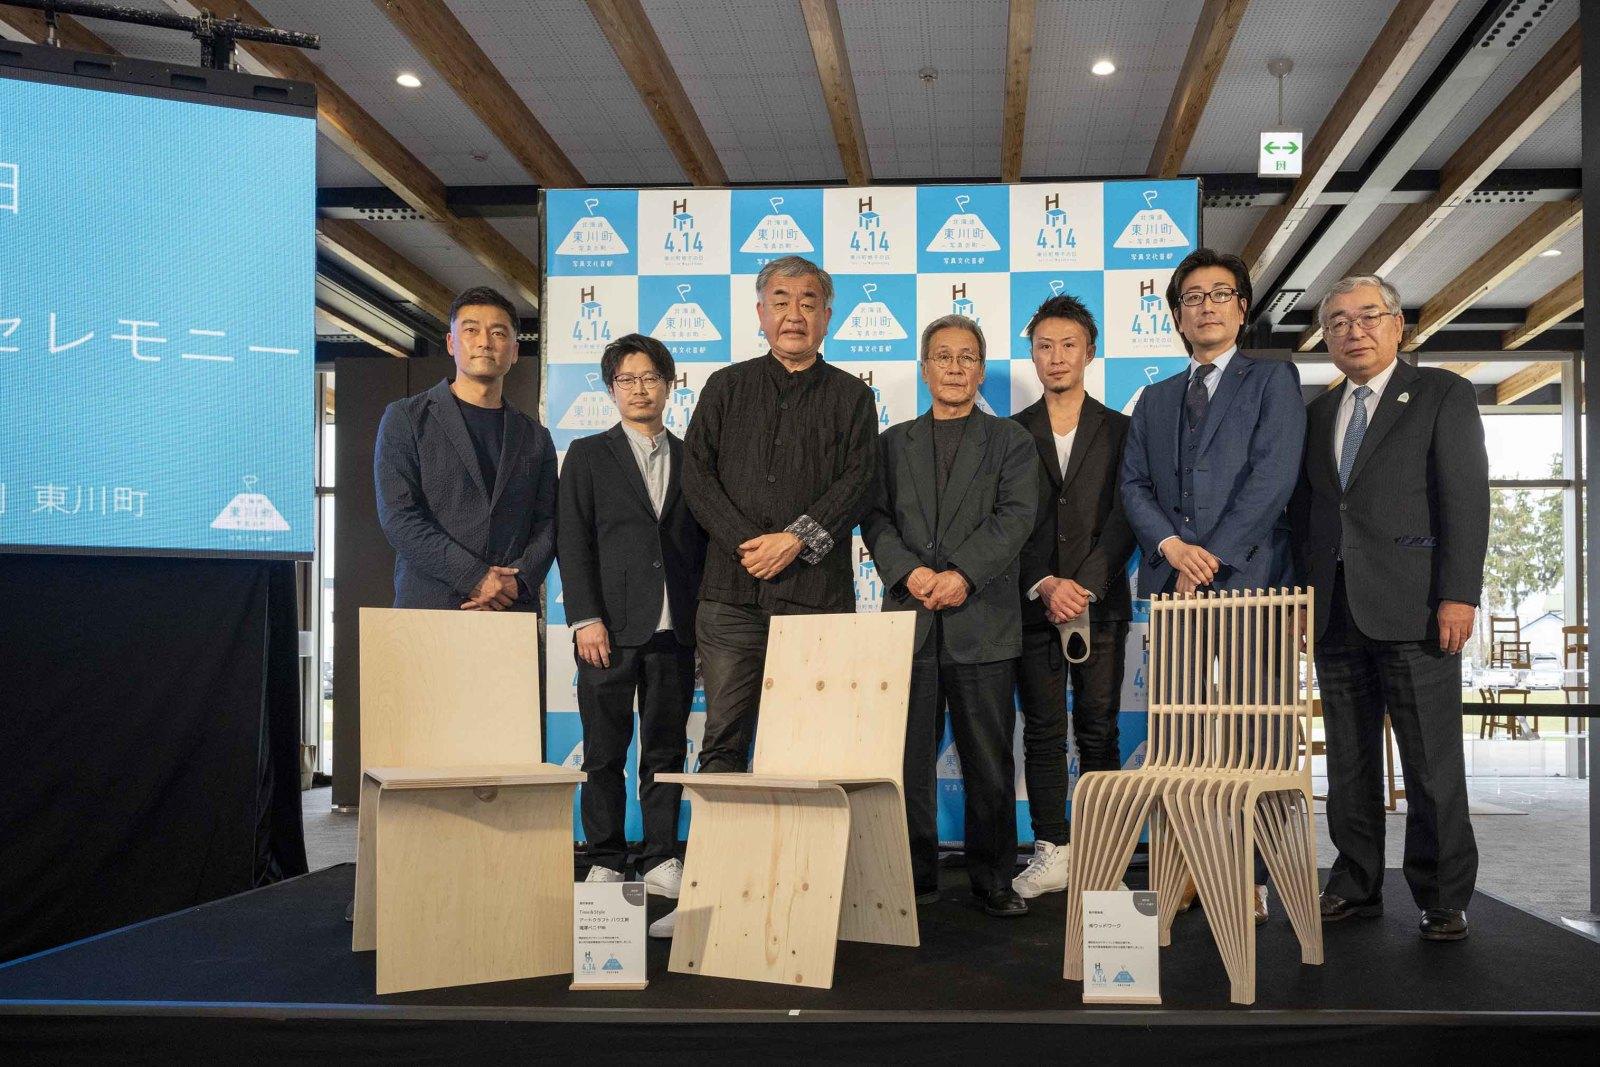 隈さん(左から3人め)、松岡町長(右端)、木工事業所の職人らとの記念撮影。